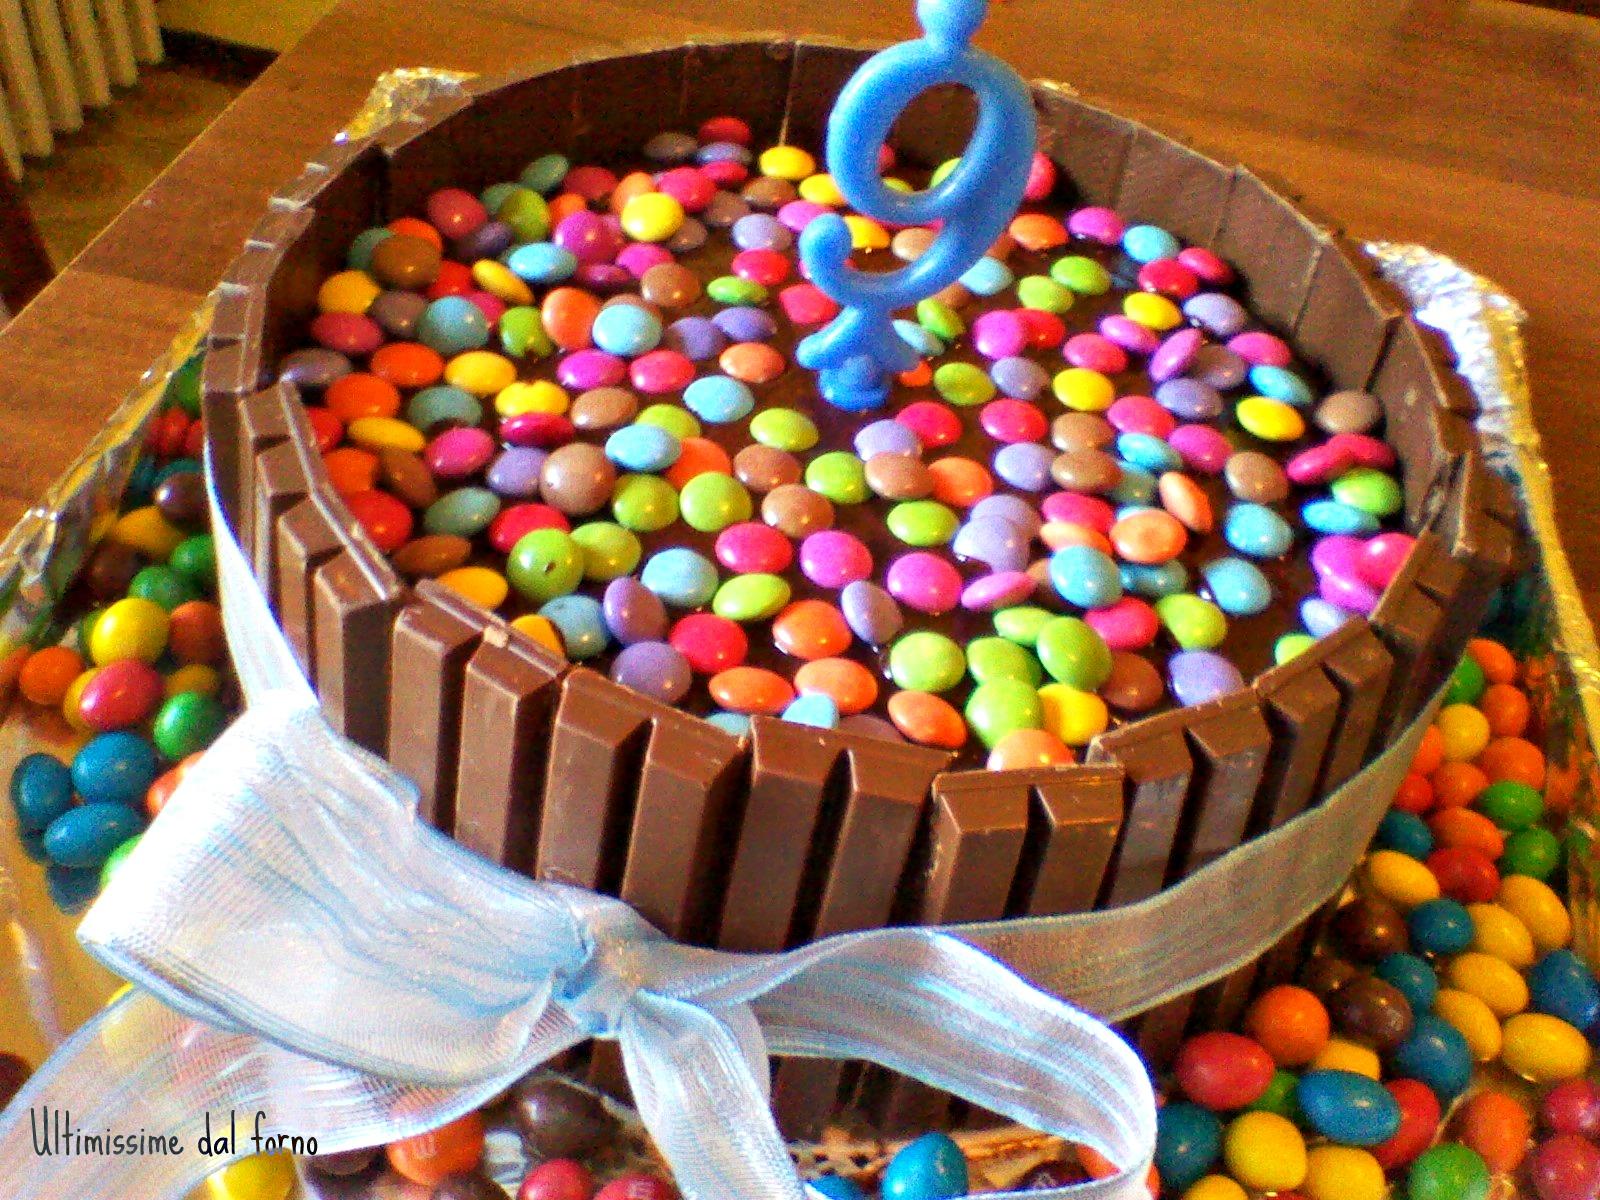 Decorazioni Per Feste Di Compleanno Bambini Fai Da Te : Disegni per torte di compleanno bambini images